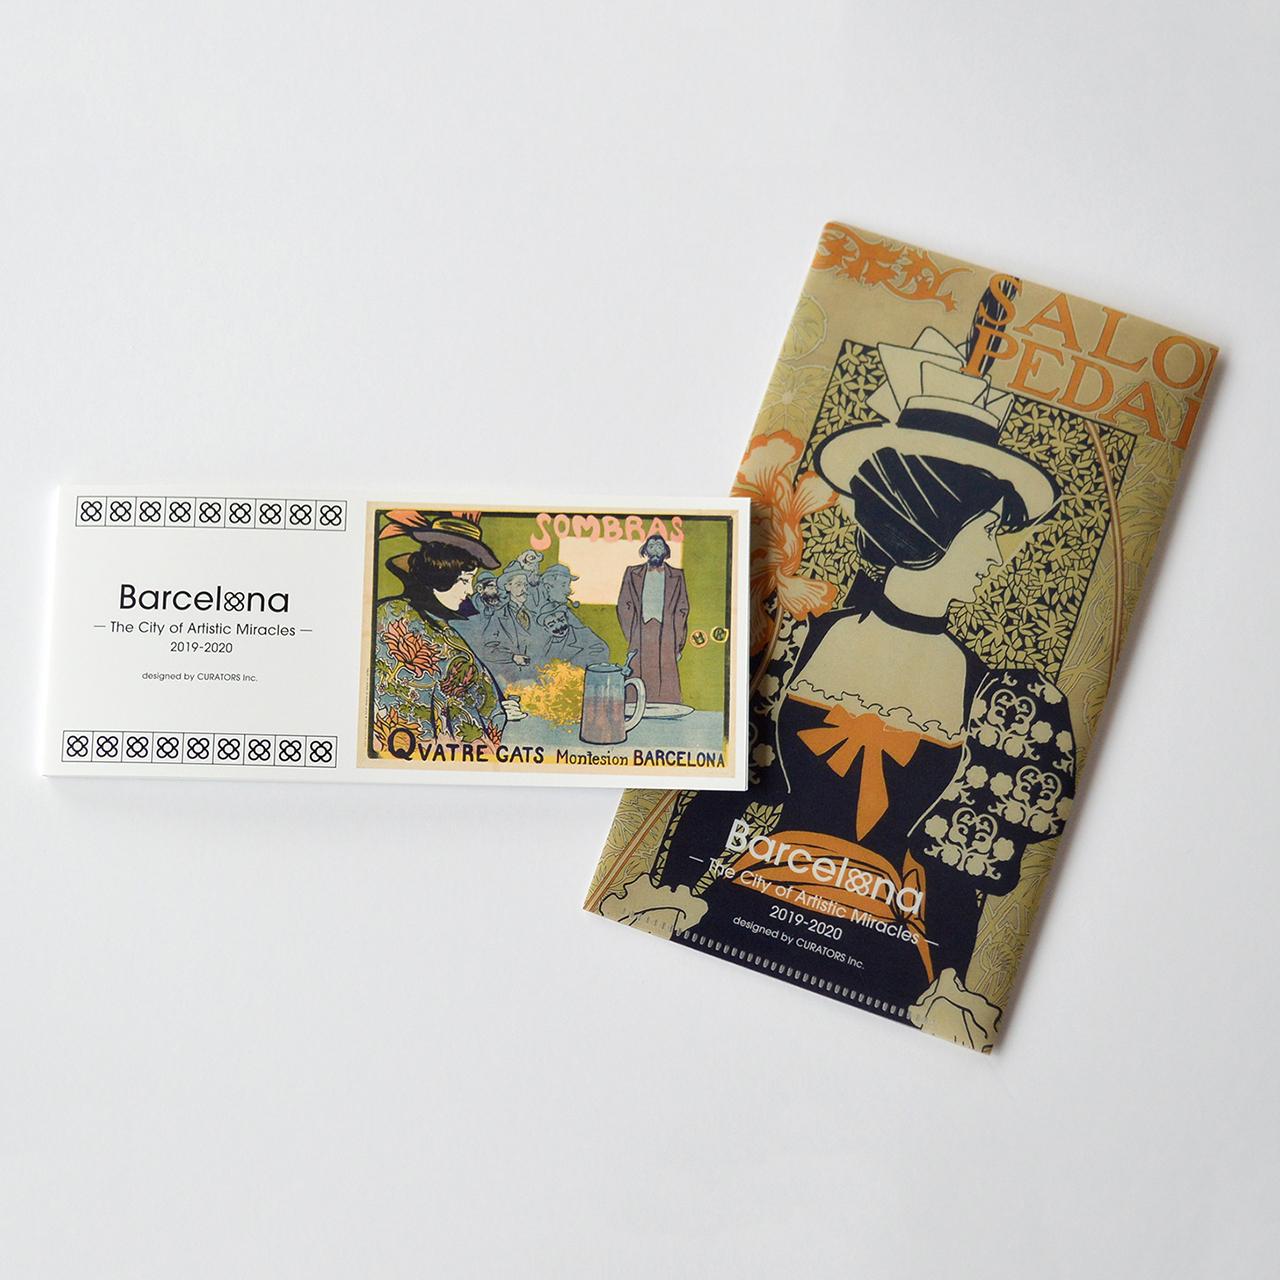 「奇蹟の芸術都市 バルセロナ」展 チケットフォルダー / 一筆箋セットB